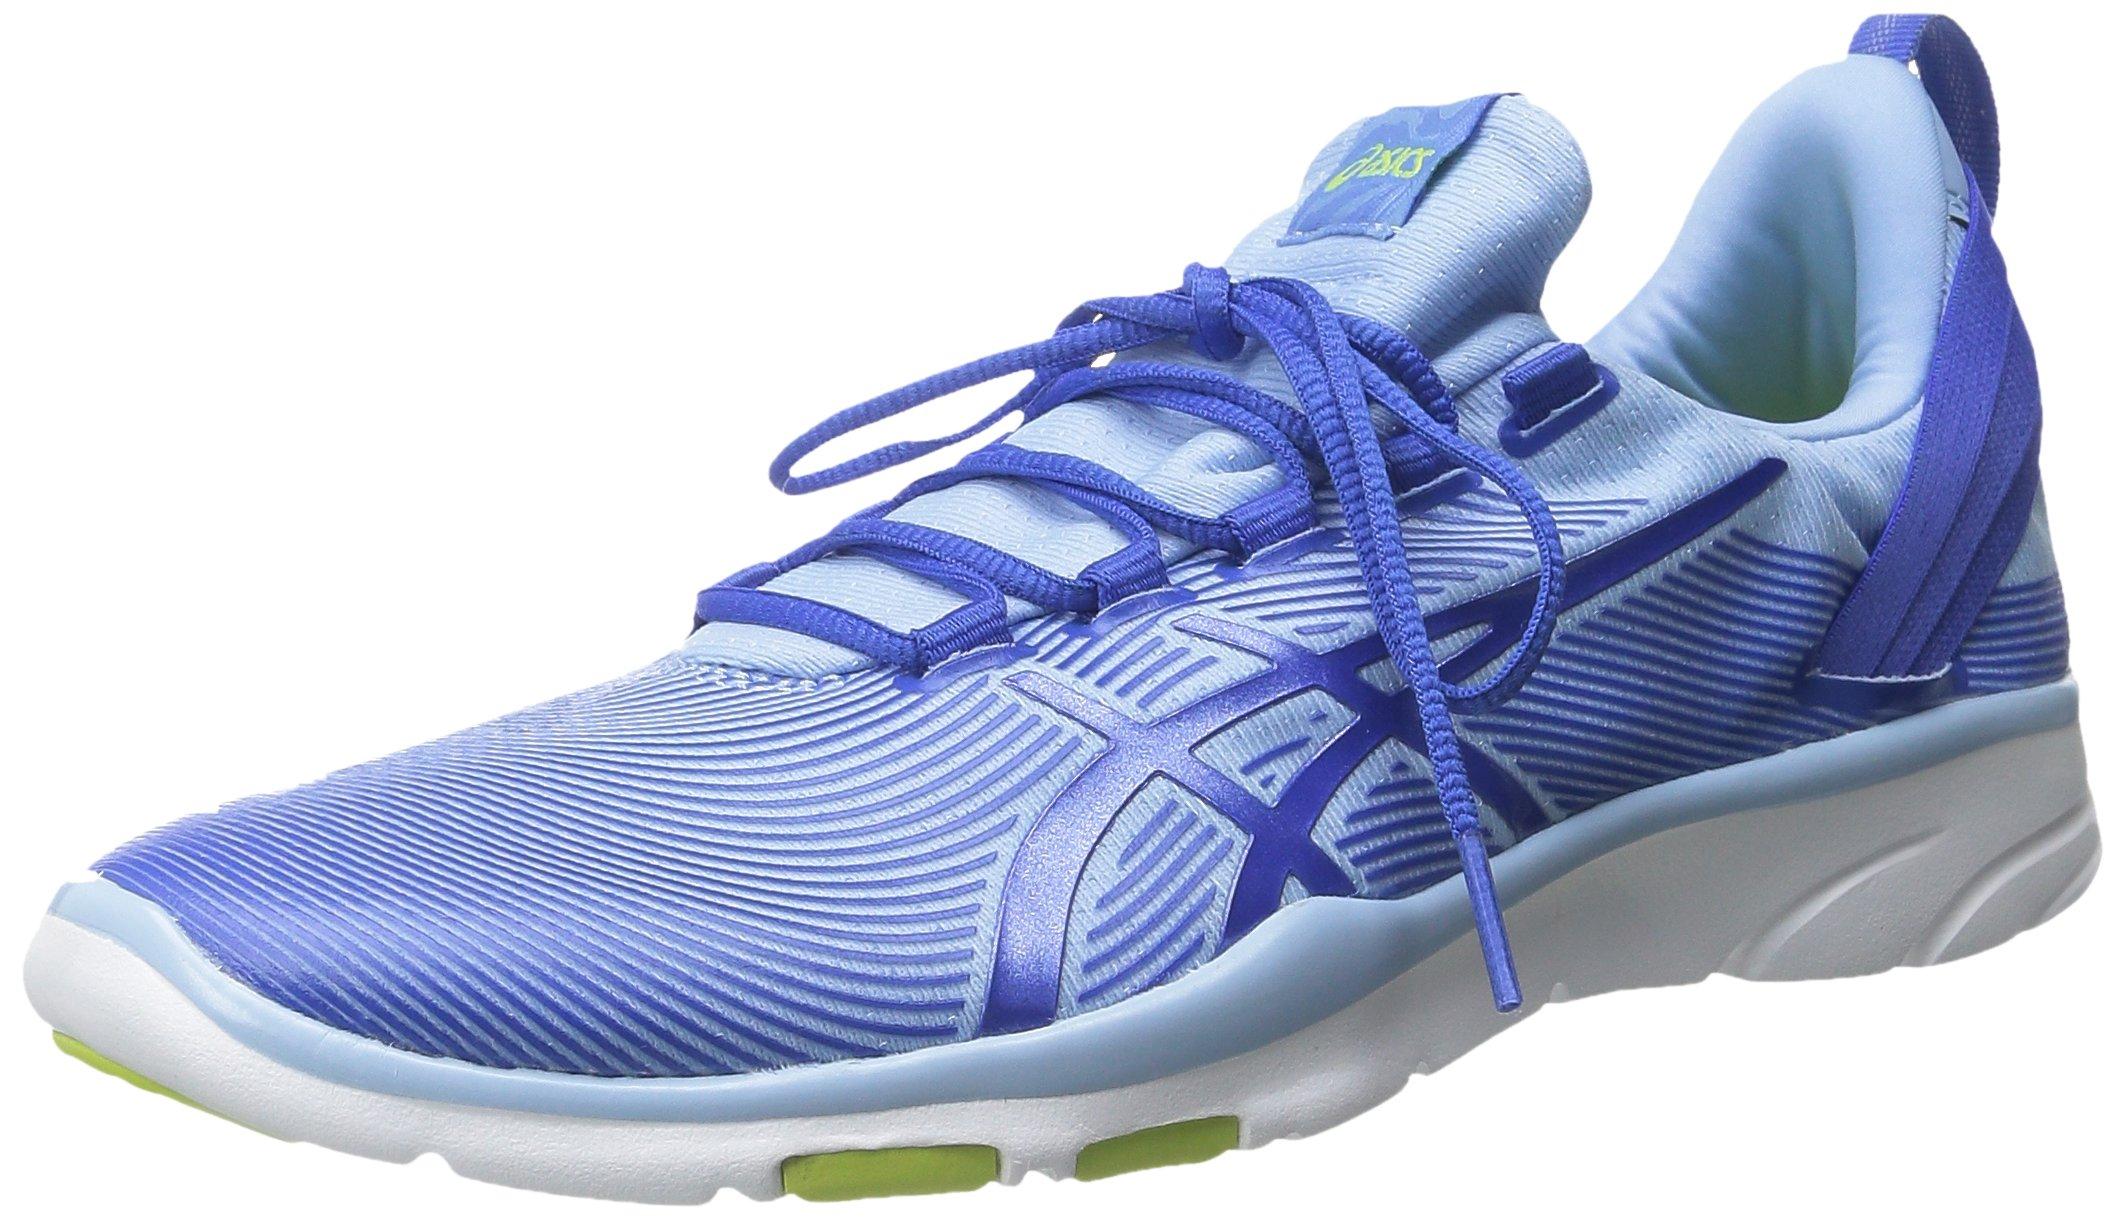 ASICS Women's Gel Fit Sana 2 Fitness Shoe, Blue Bell/Blue Purple/Lime, 6.5 M US